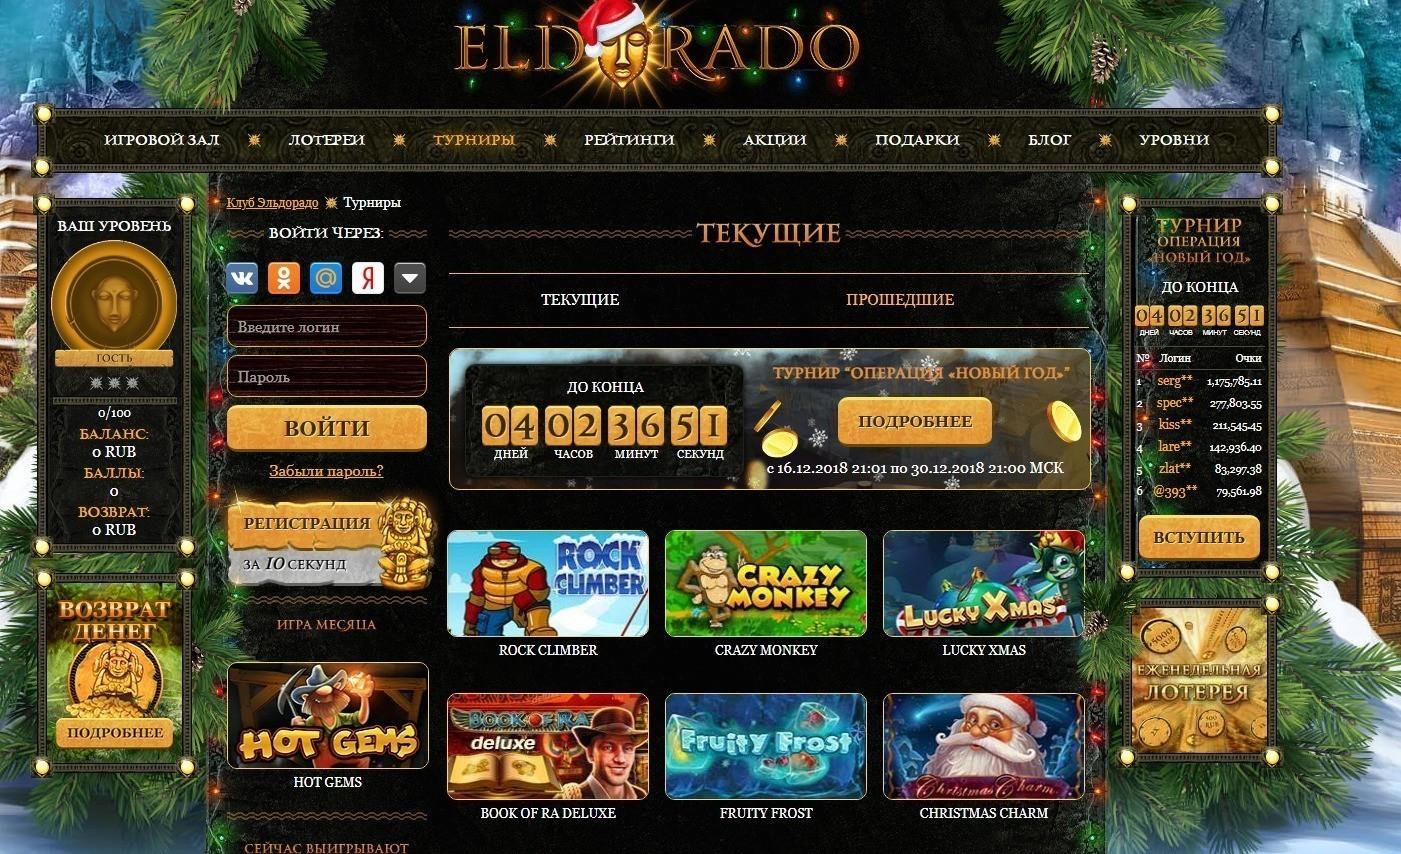 официальный сайт казино эльдорадо зеркало сейчас